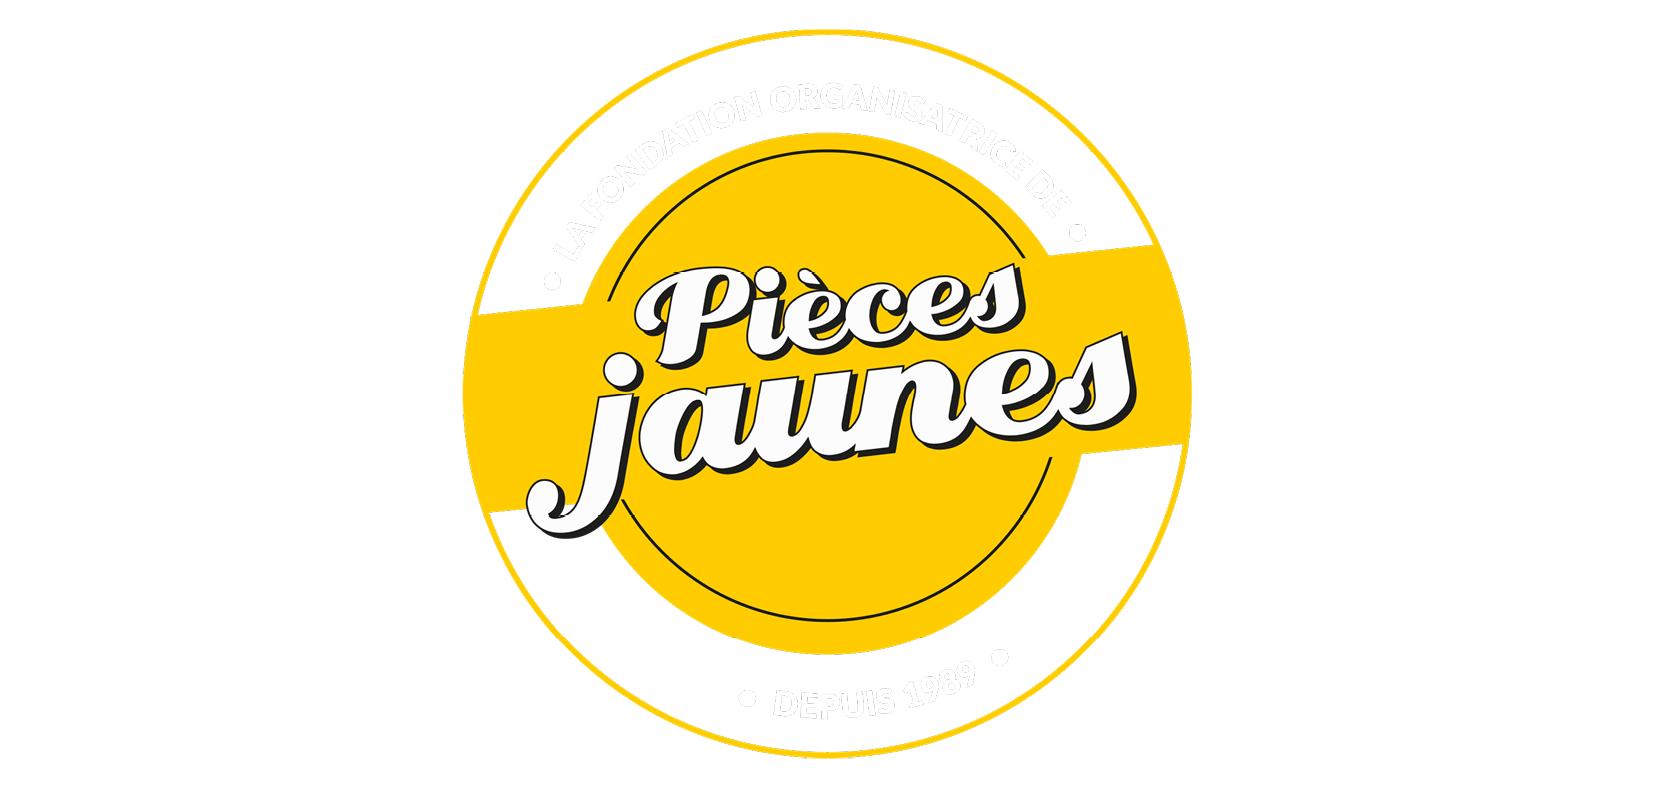 pièces jaunes 2020